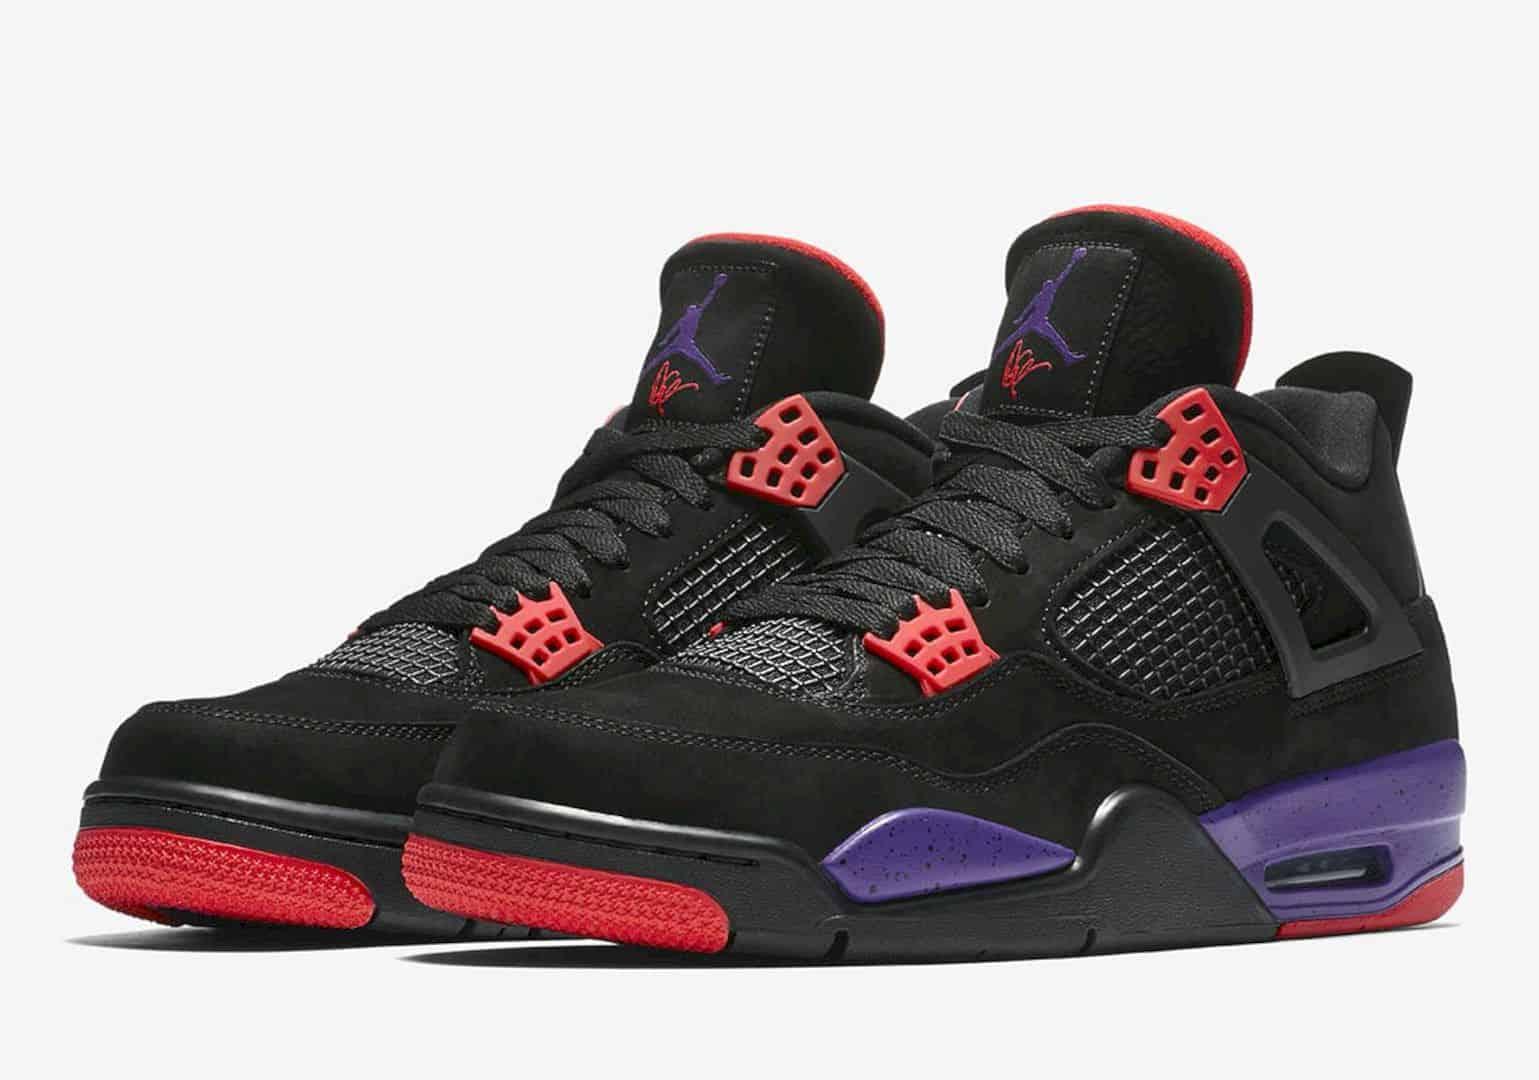 Air Jordan 4 Raptors 5